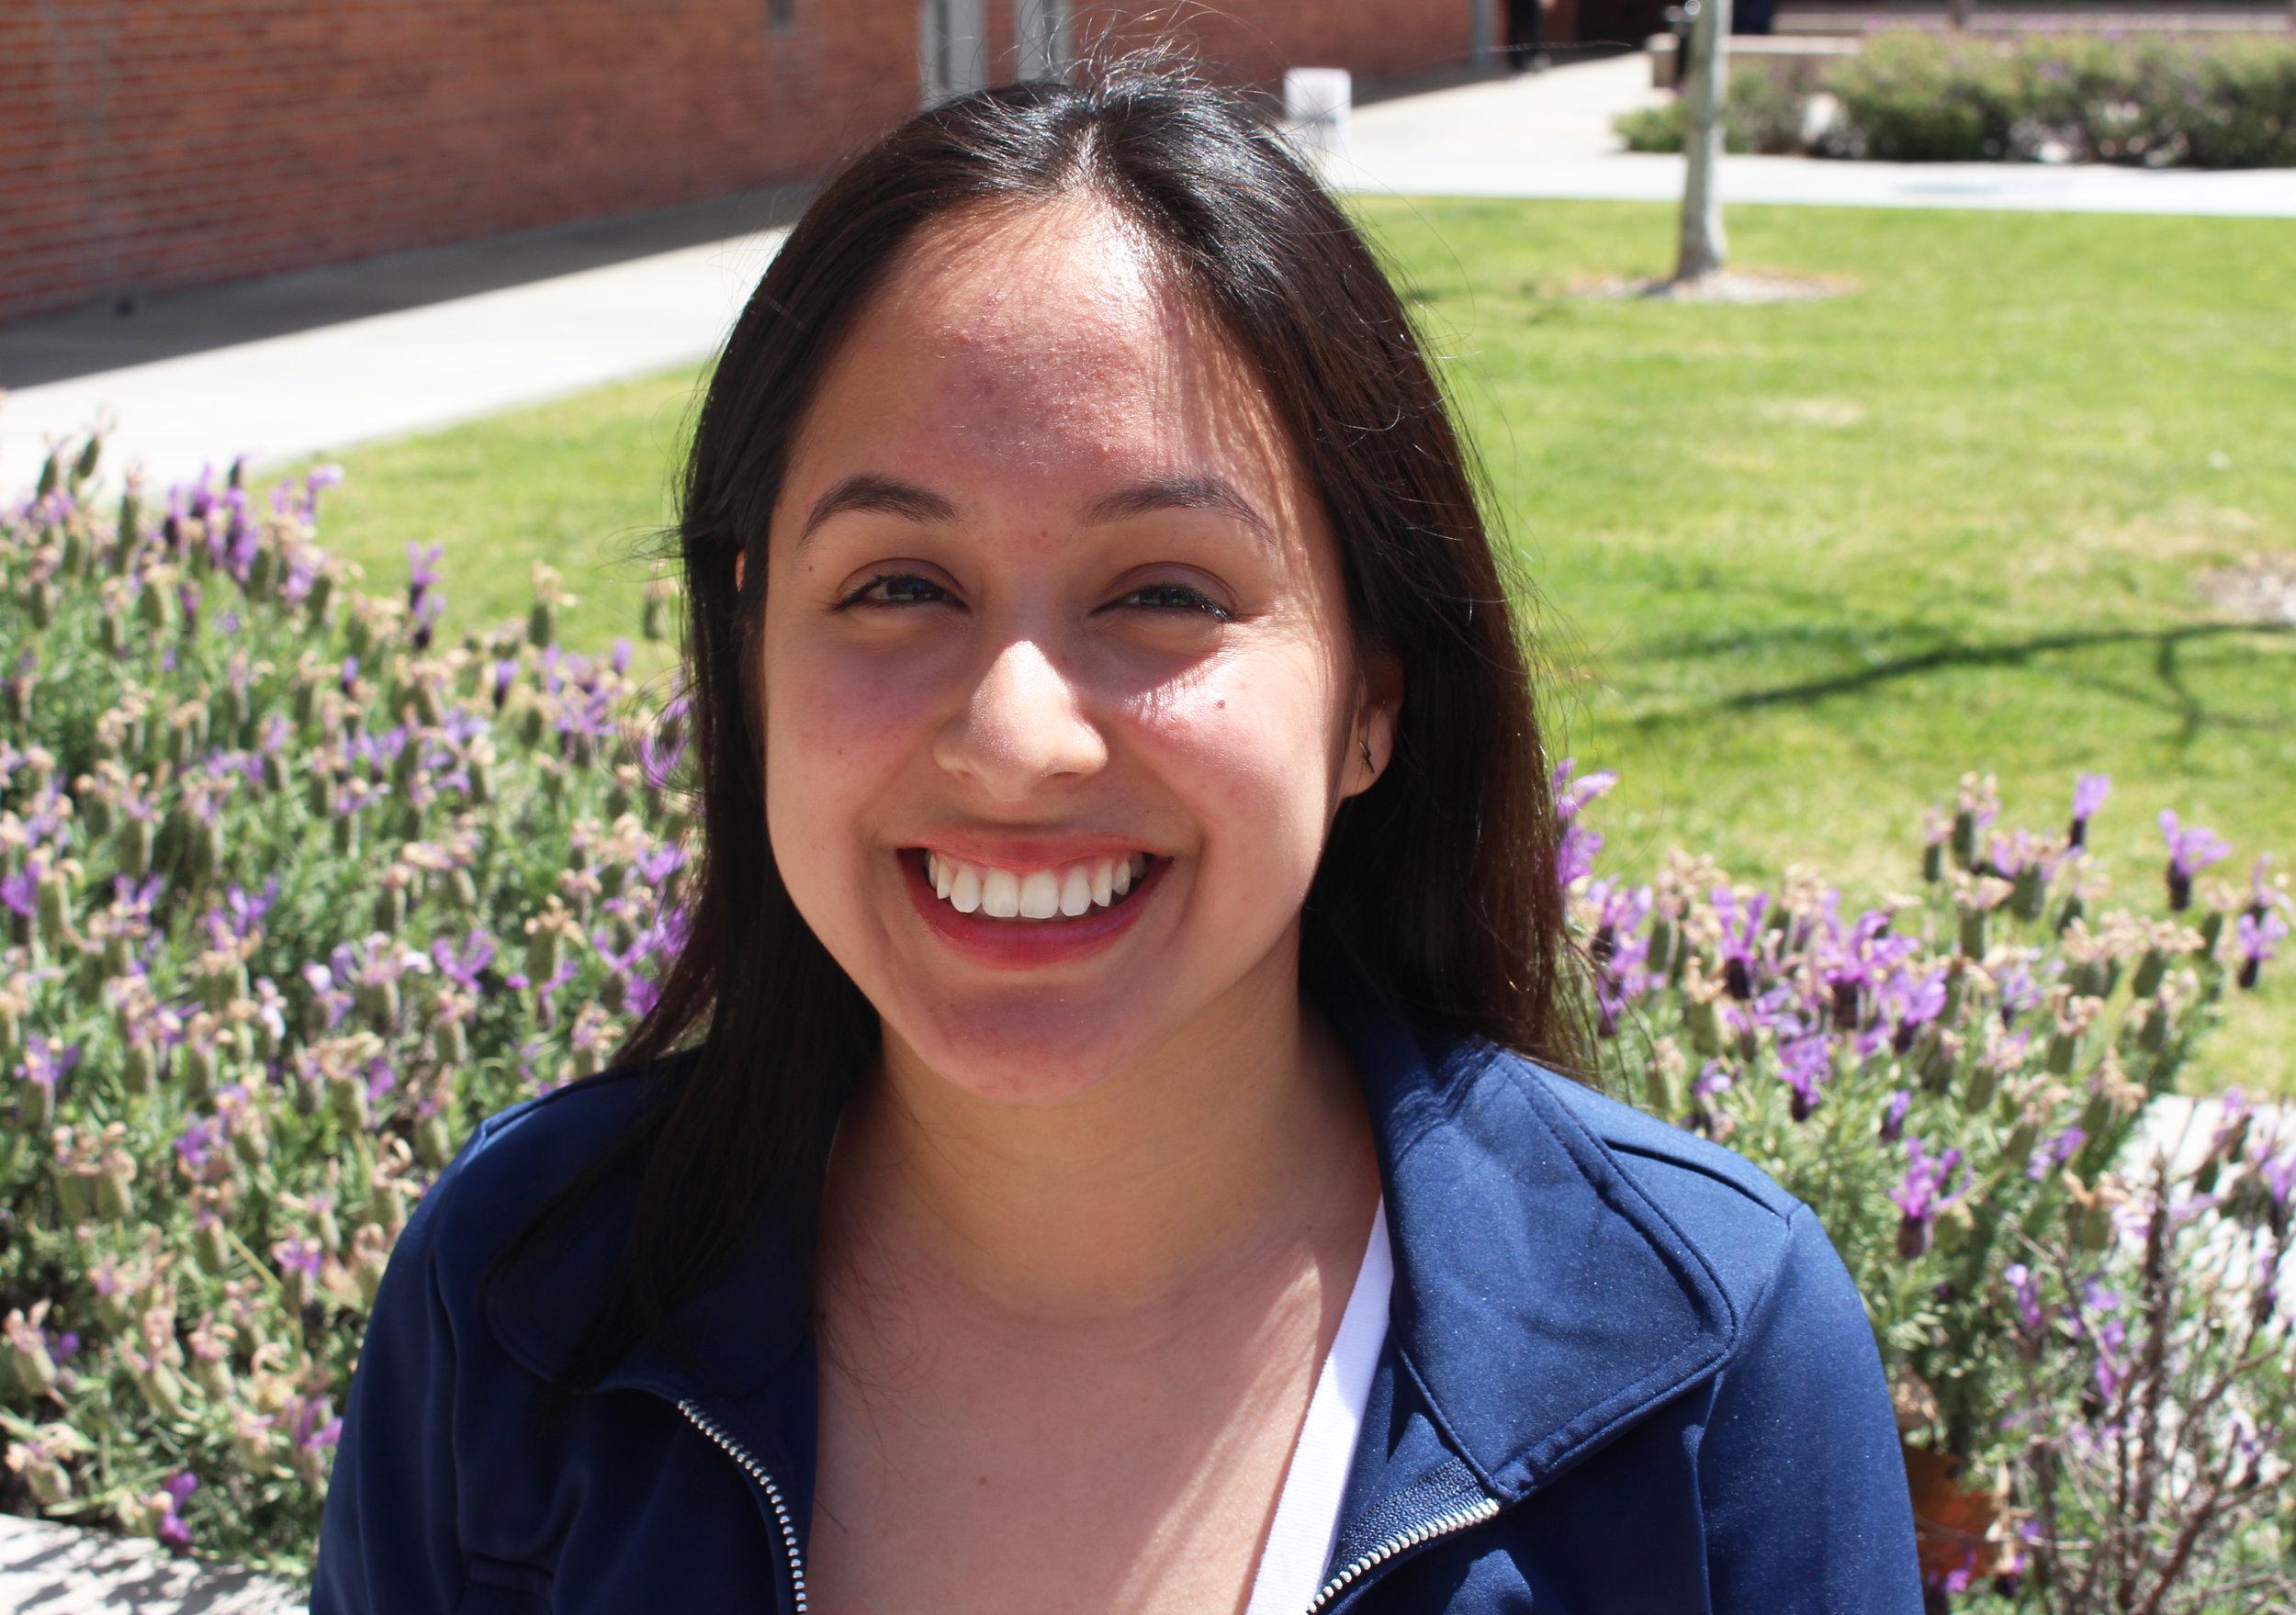 Jenny Rodriguez, 22, communications major. Photo by Leslie Veliz.